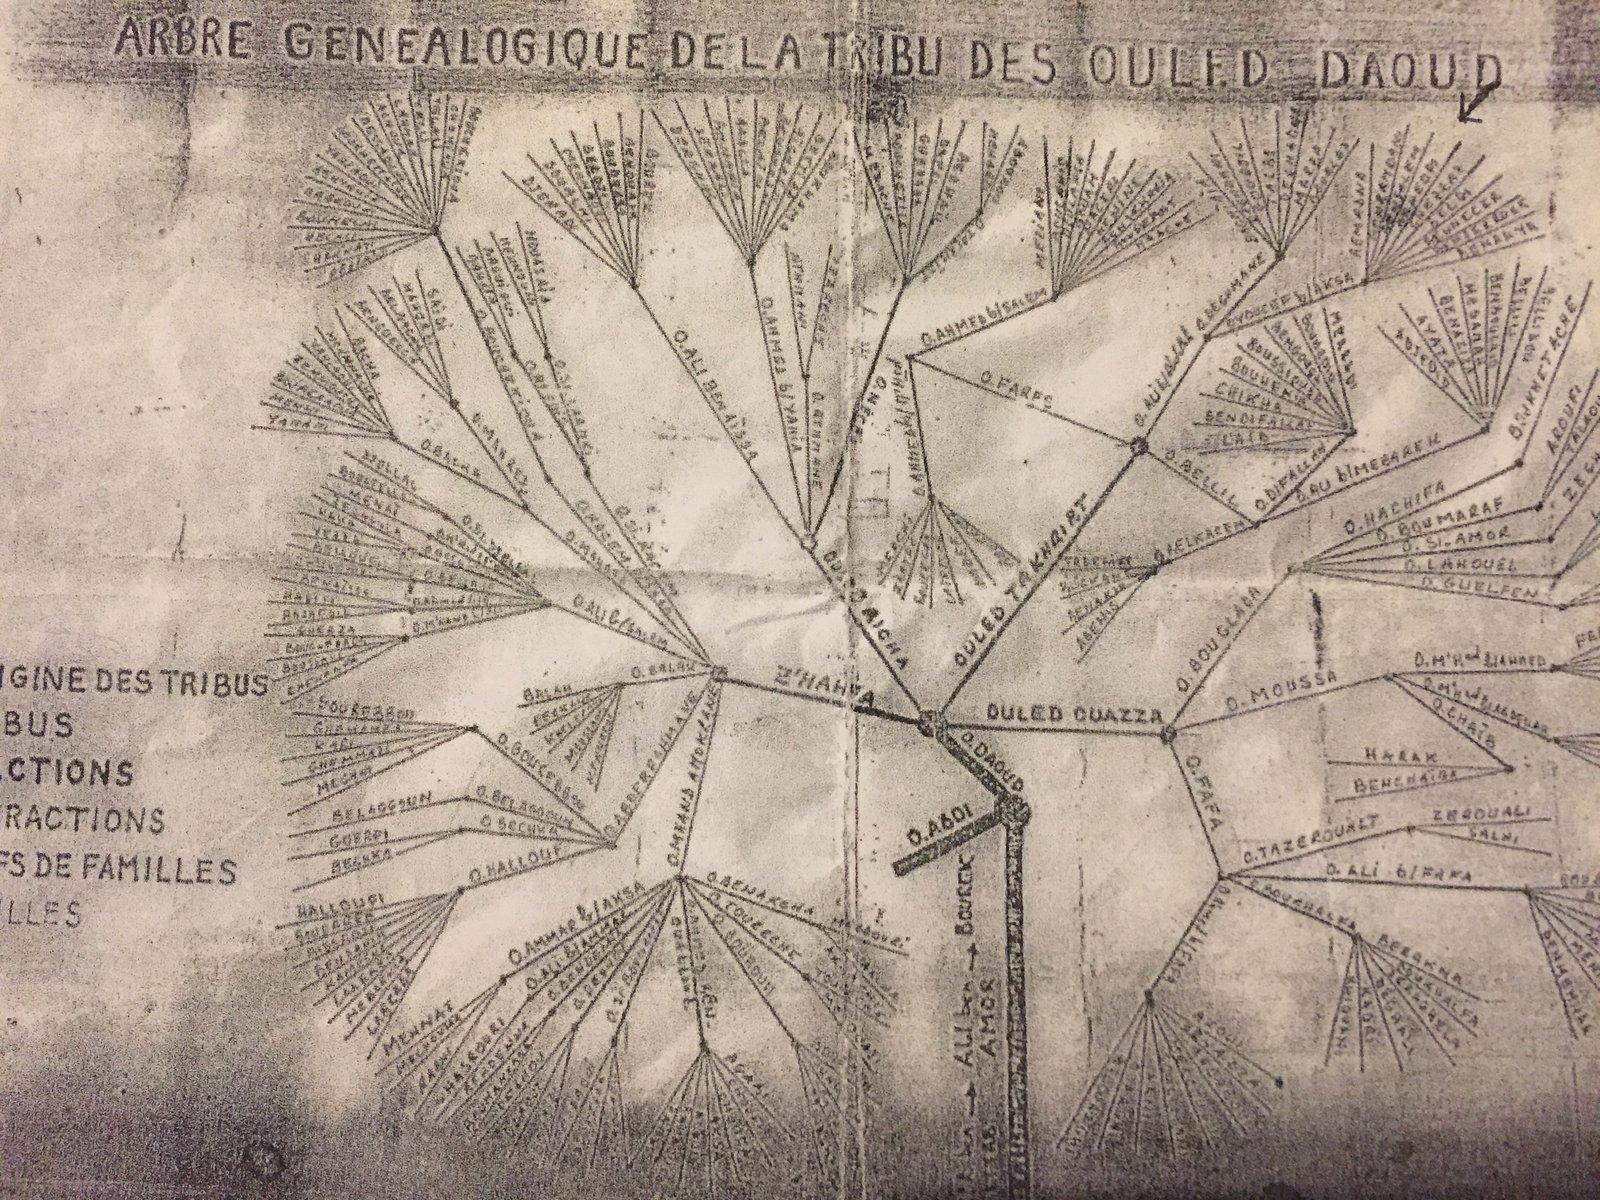 La Tribu des Oulad Daoud (Aurès) - 1ère partie -  dans Attributs d'Algérienneté 201209082508812500